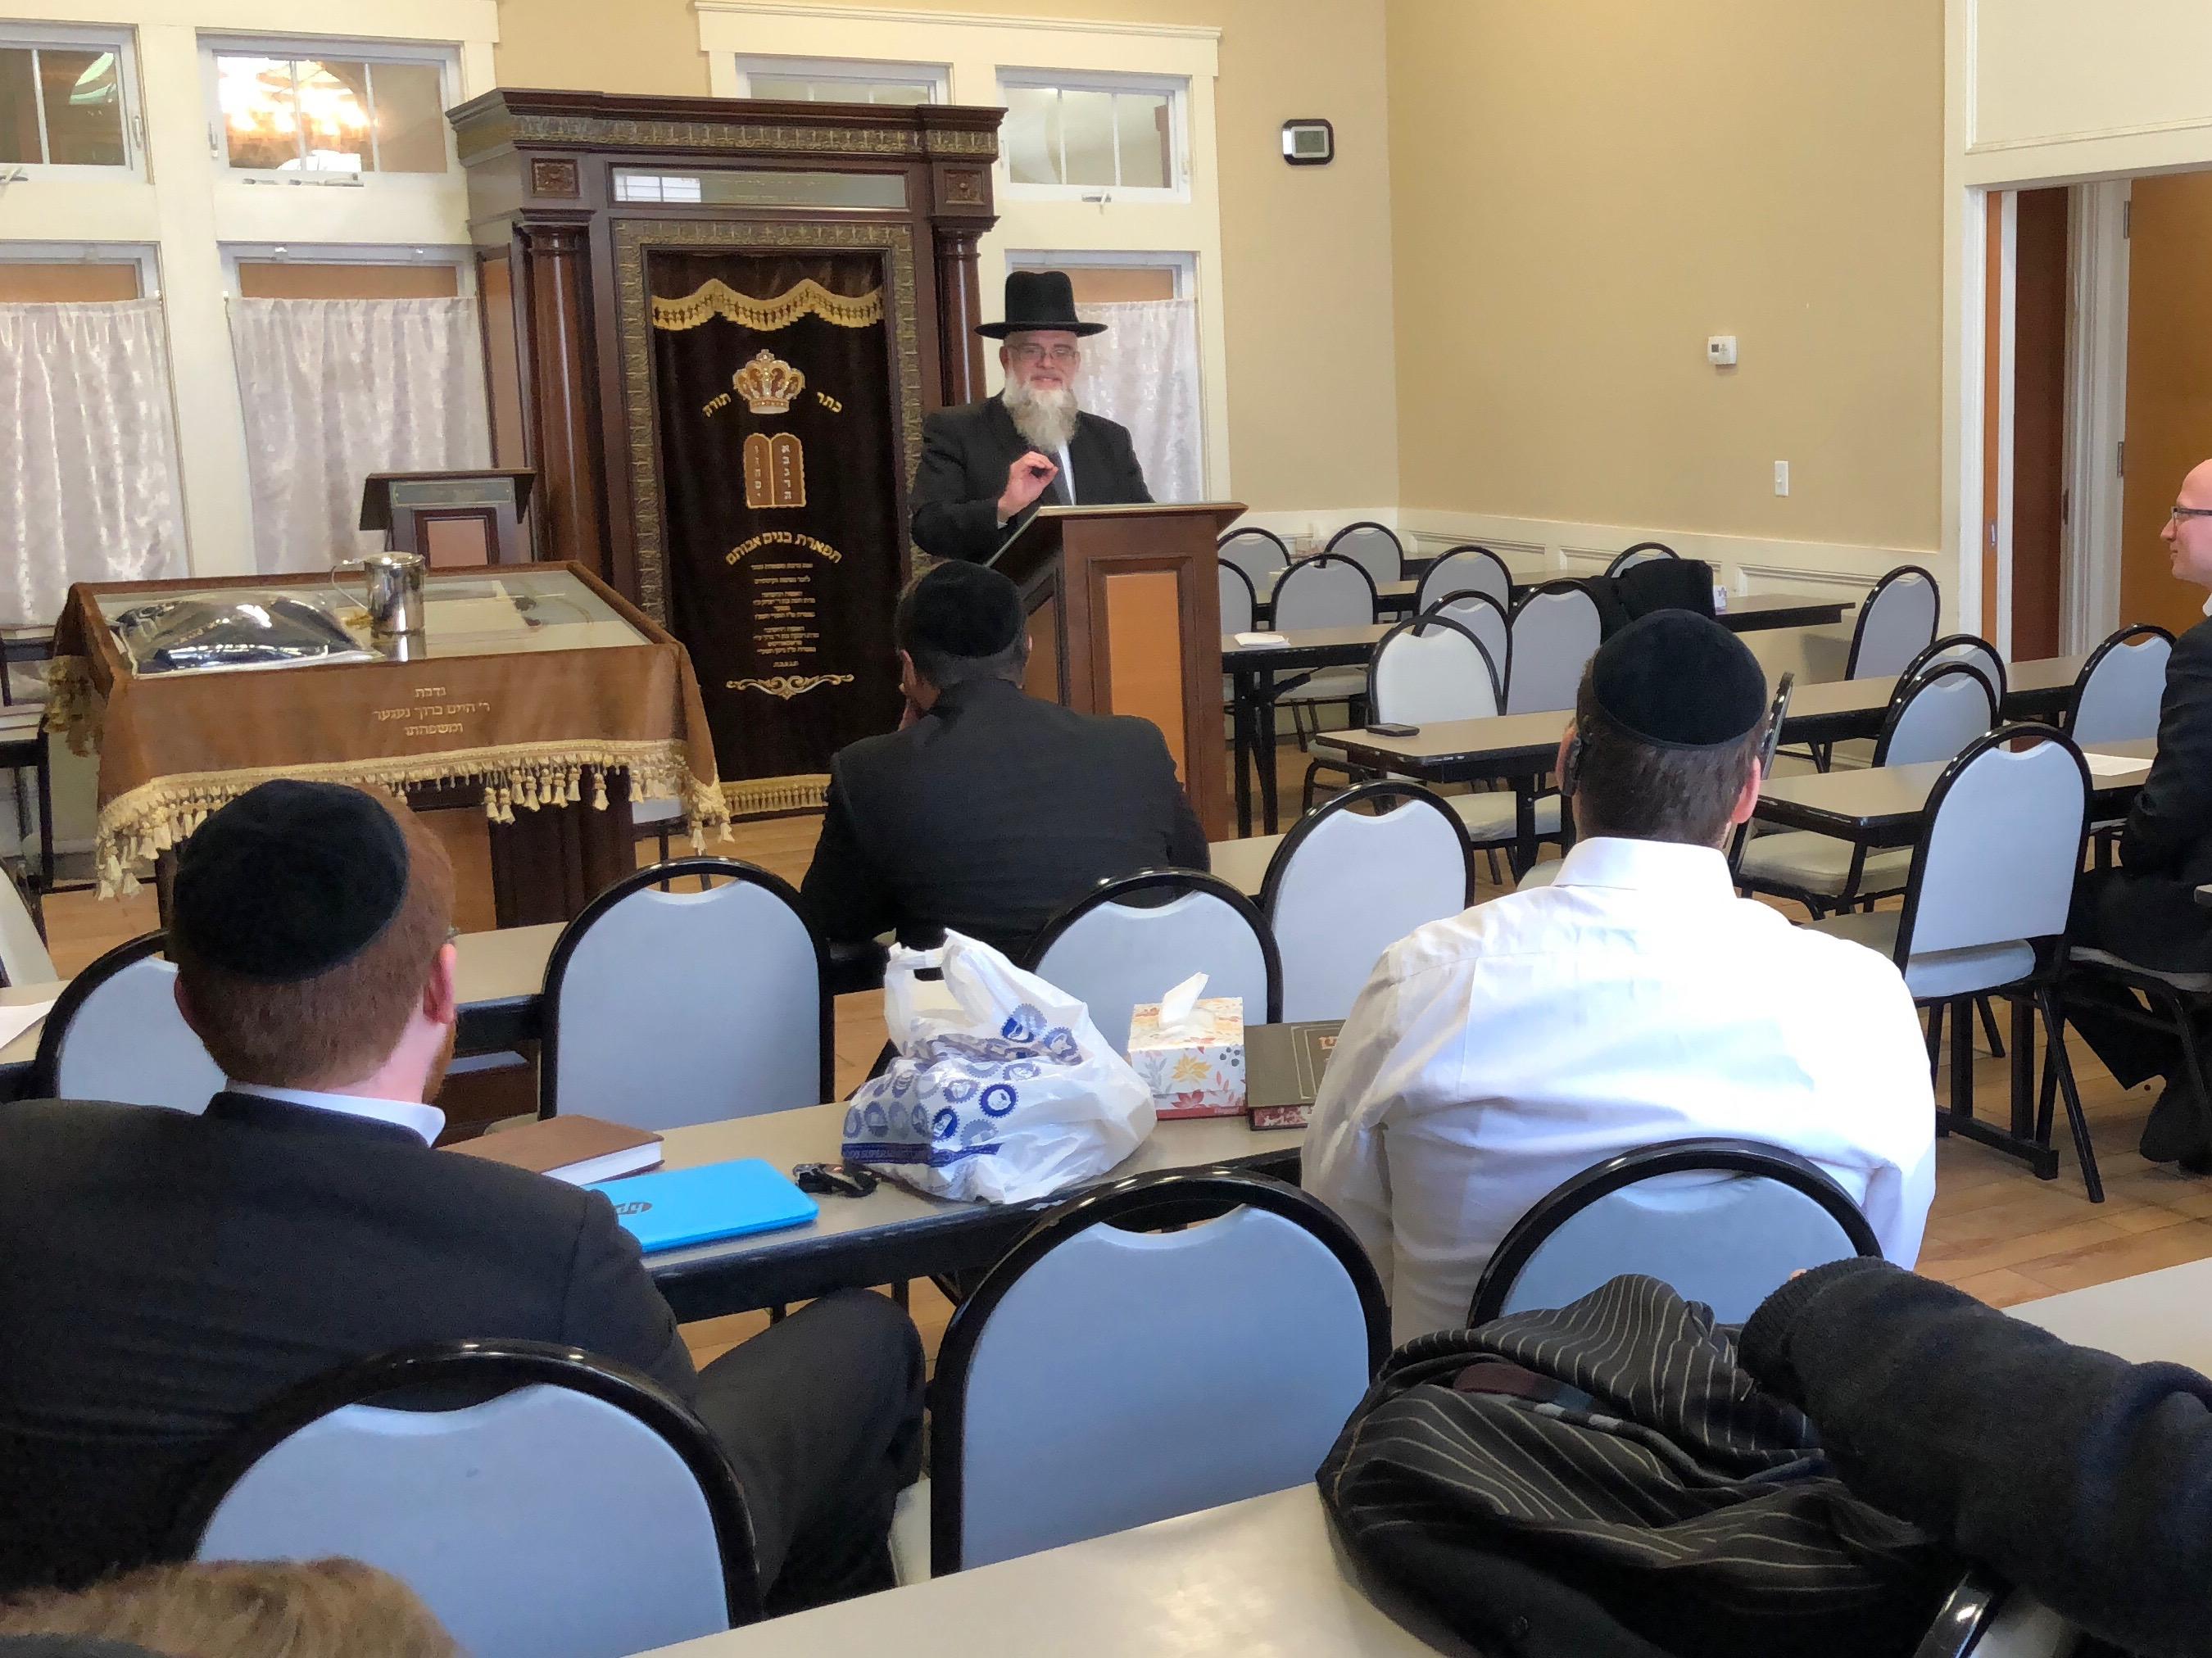 Rabbi Plotnik